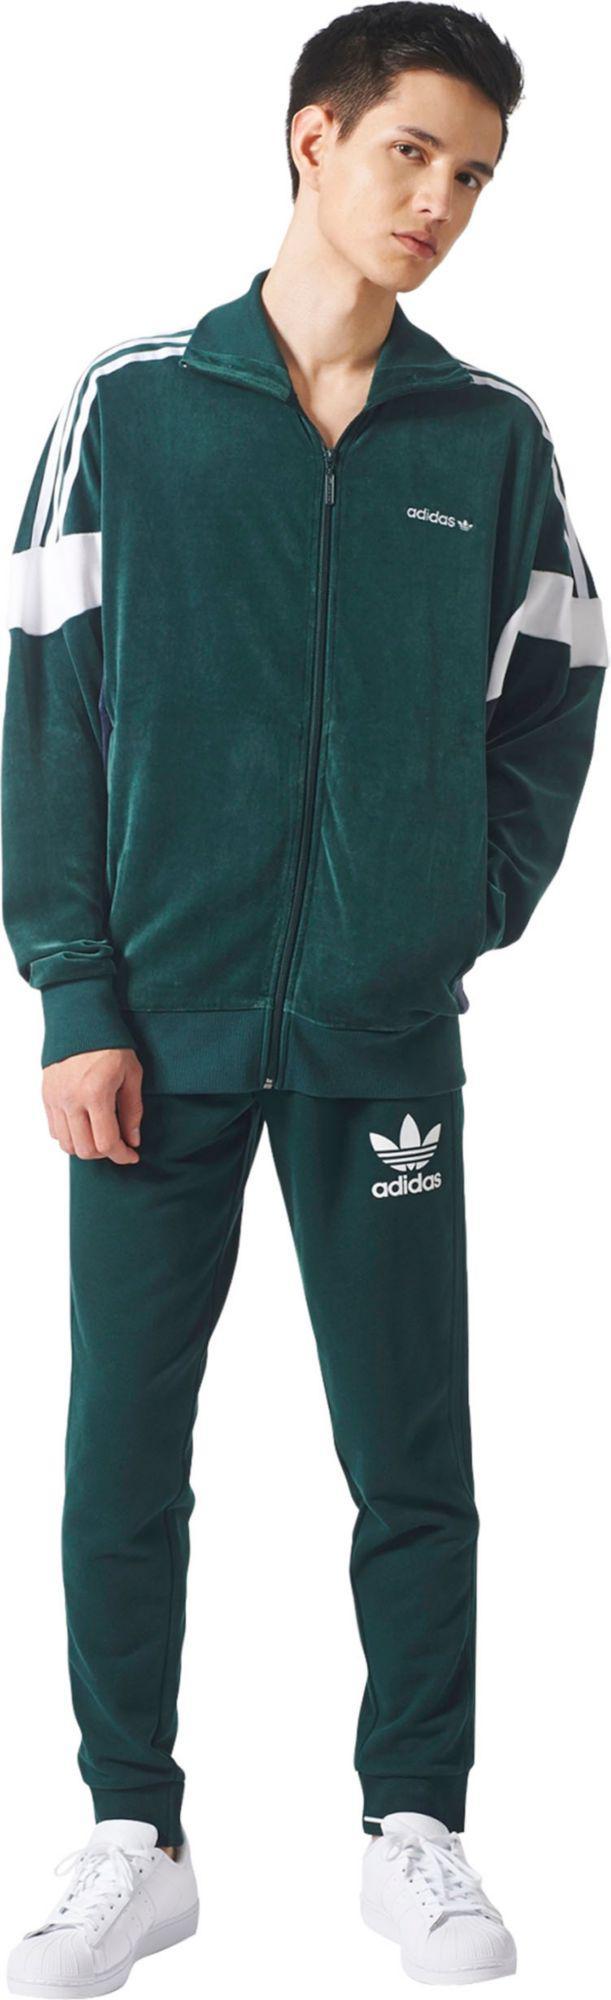 Lyst Adidas Originali 3 Tuta Strisce Francese Terry Tuta 3 Verde f14138